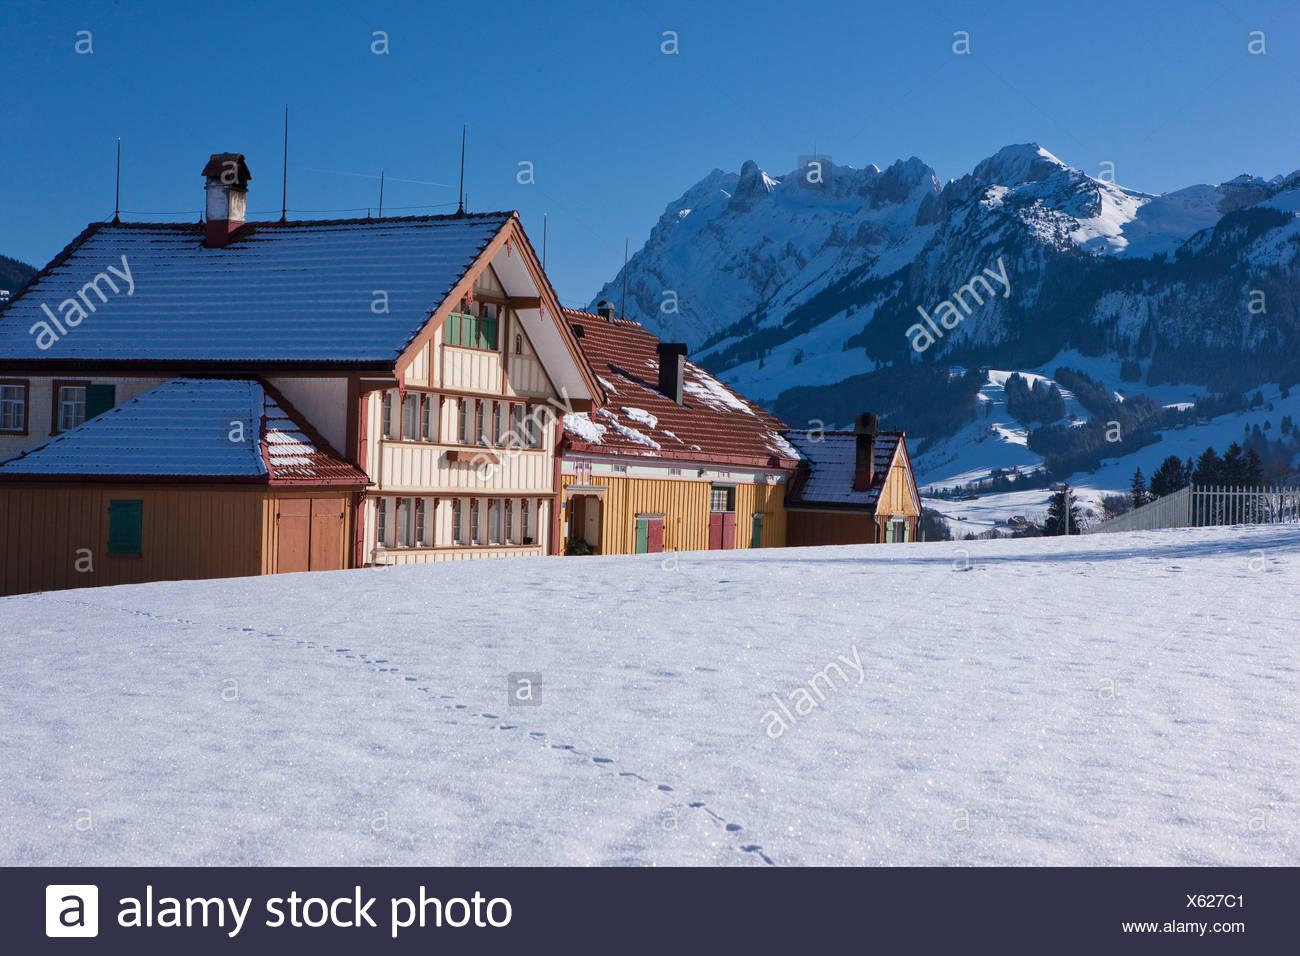 Granja, Säntis, en invierno, las montañas, las montañas, la agricultura, el cantón de Appenzell Innerroden, área, Alpstein, Appenzell, Suiza, la Unión Europea Imagen De Stock